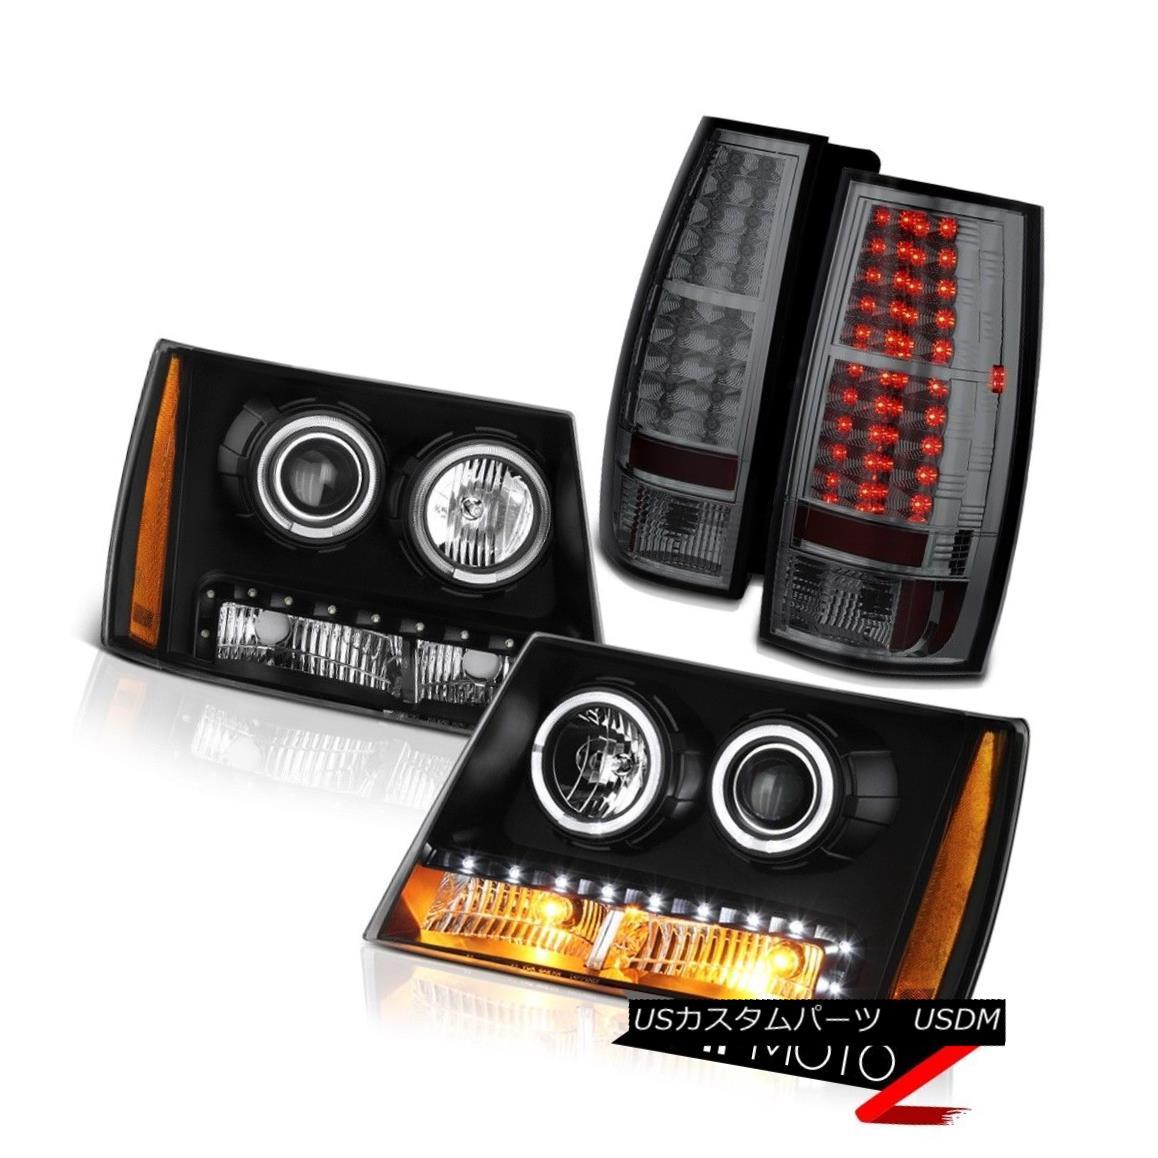 ヘッドライト 07-14 Chevy Tahoe LT2 Smokey Taillights Headlights LED Angel Eyes